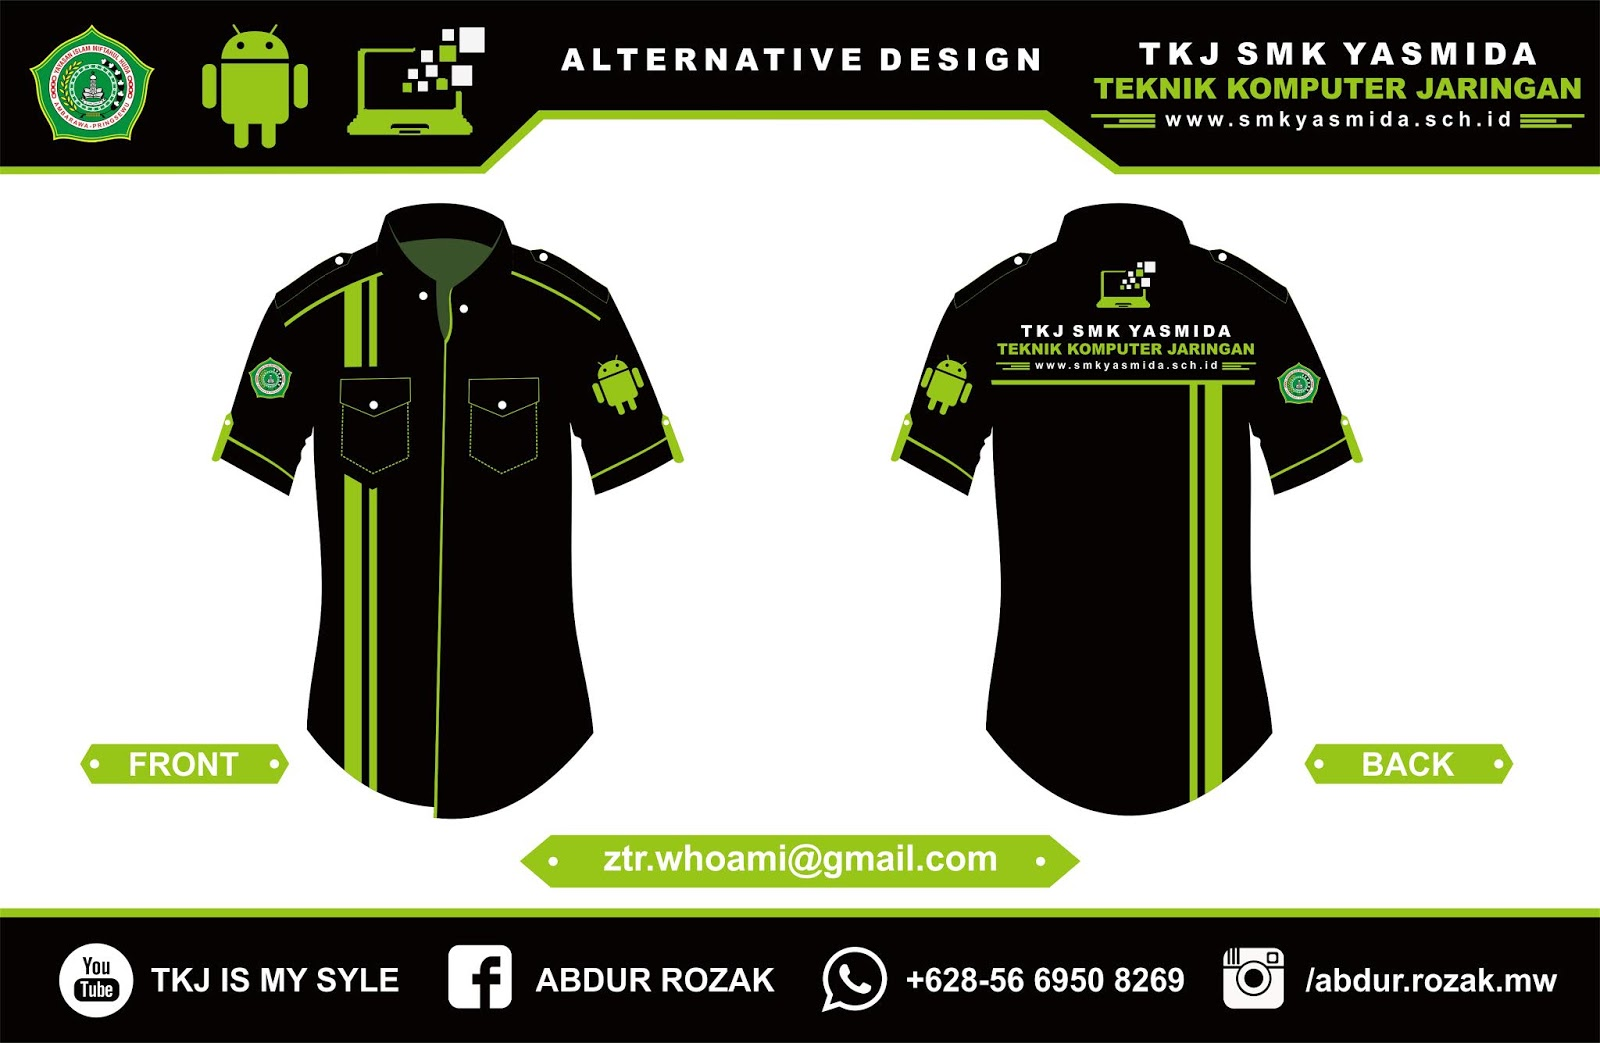 730+ Desain Baju Wearpack Keren Terbaru